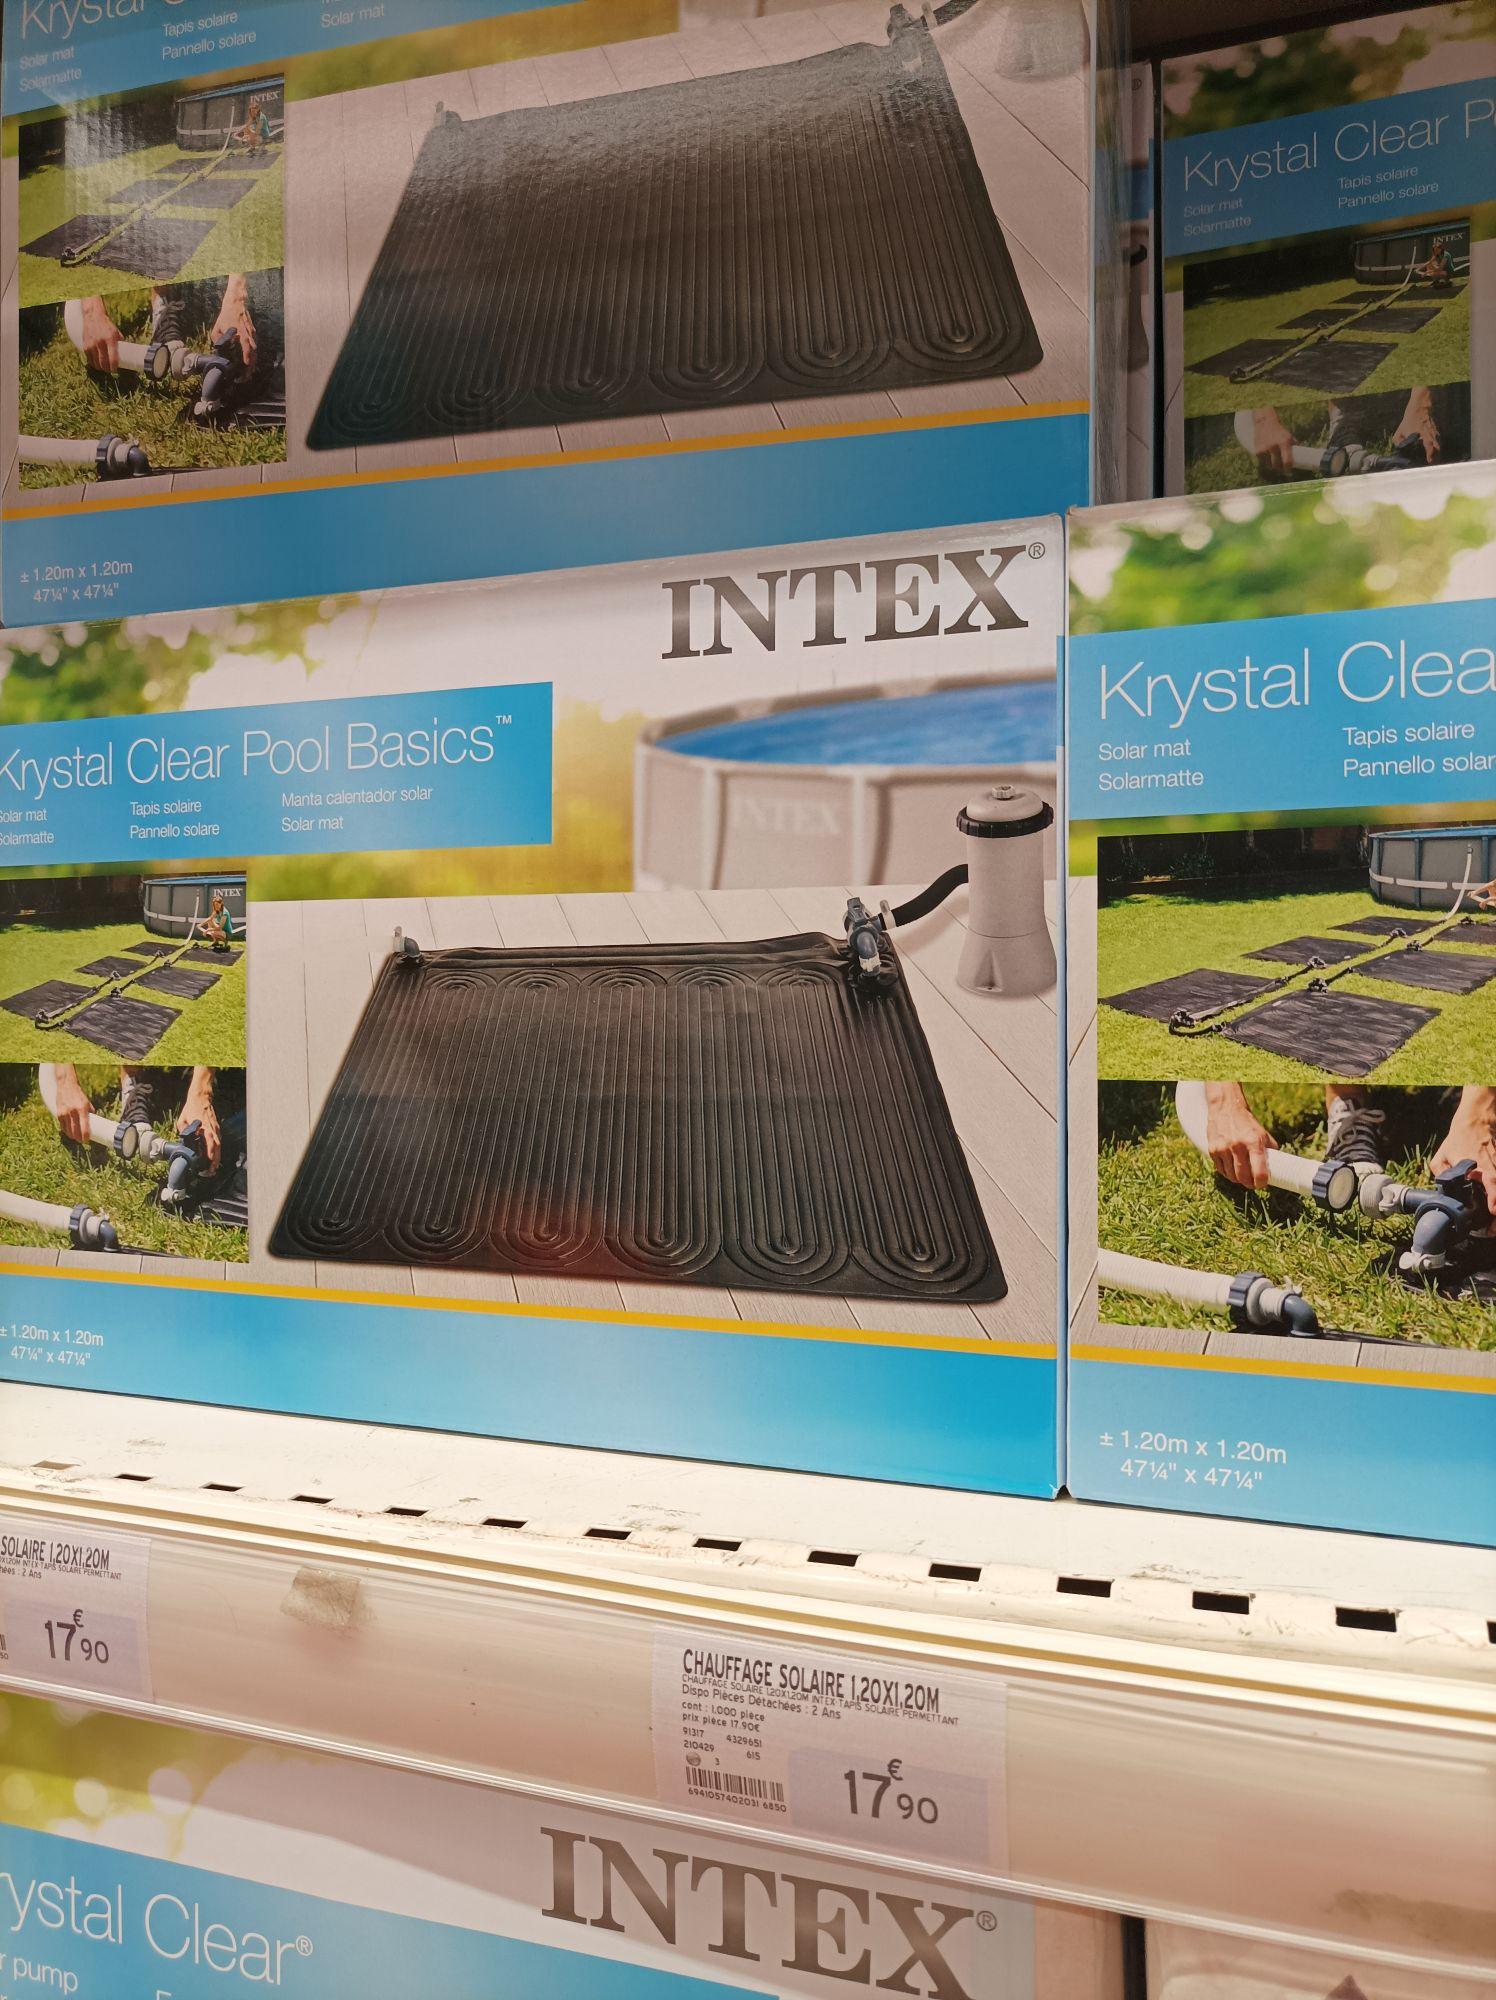 Tapis solaire pour piscine Intex Krystal Clear Pool Basics (1.2x1.2 m) - Évron (53)